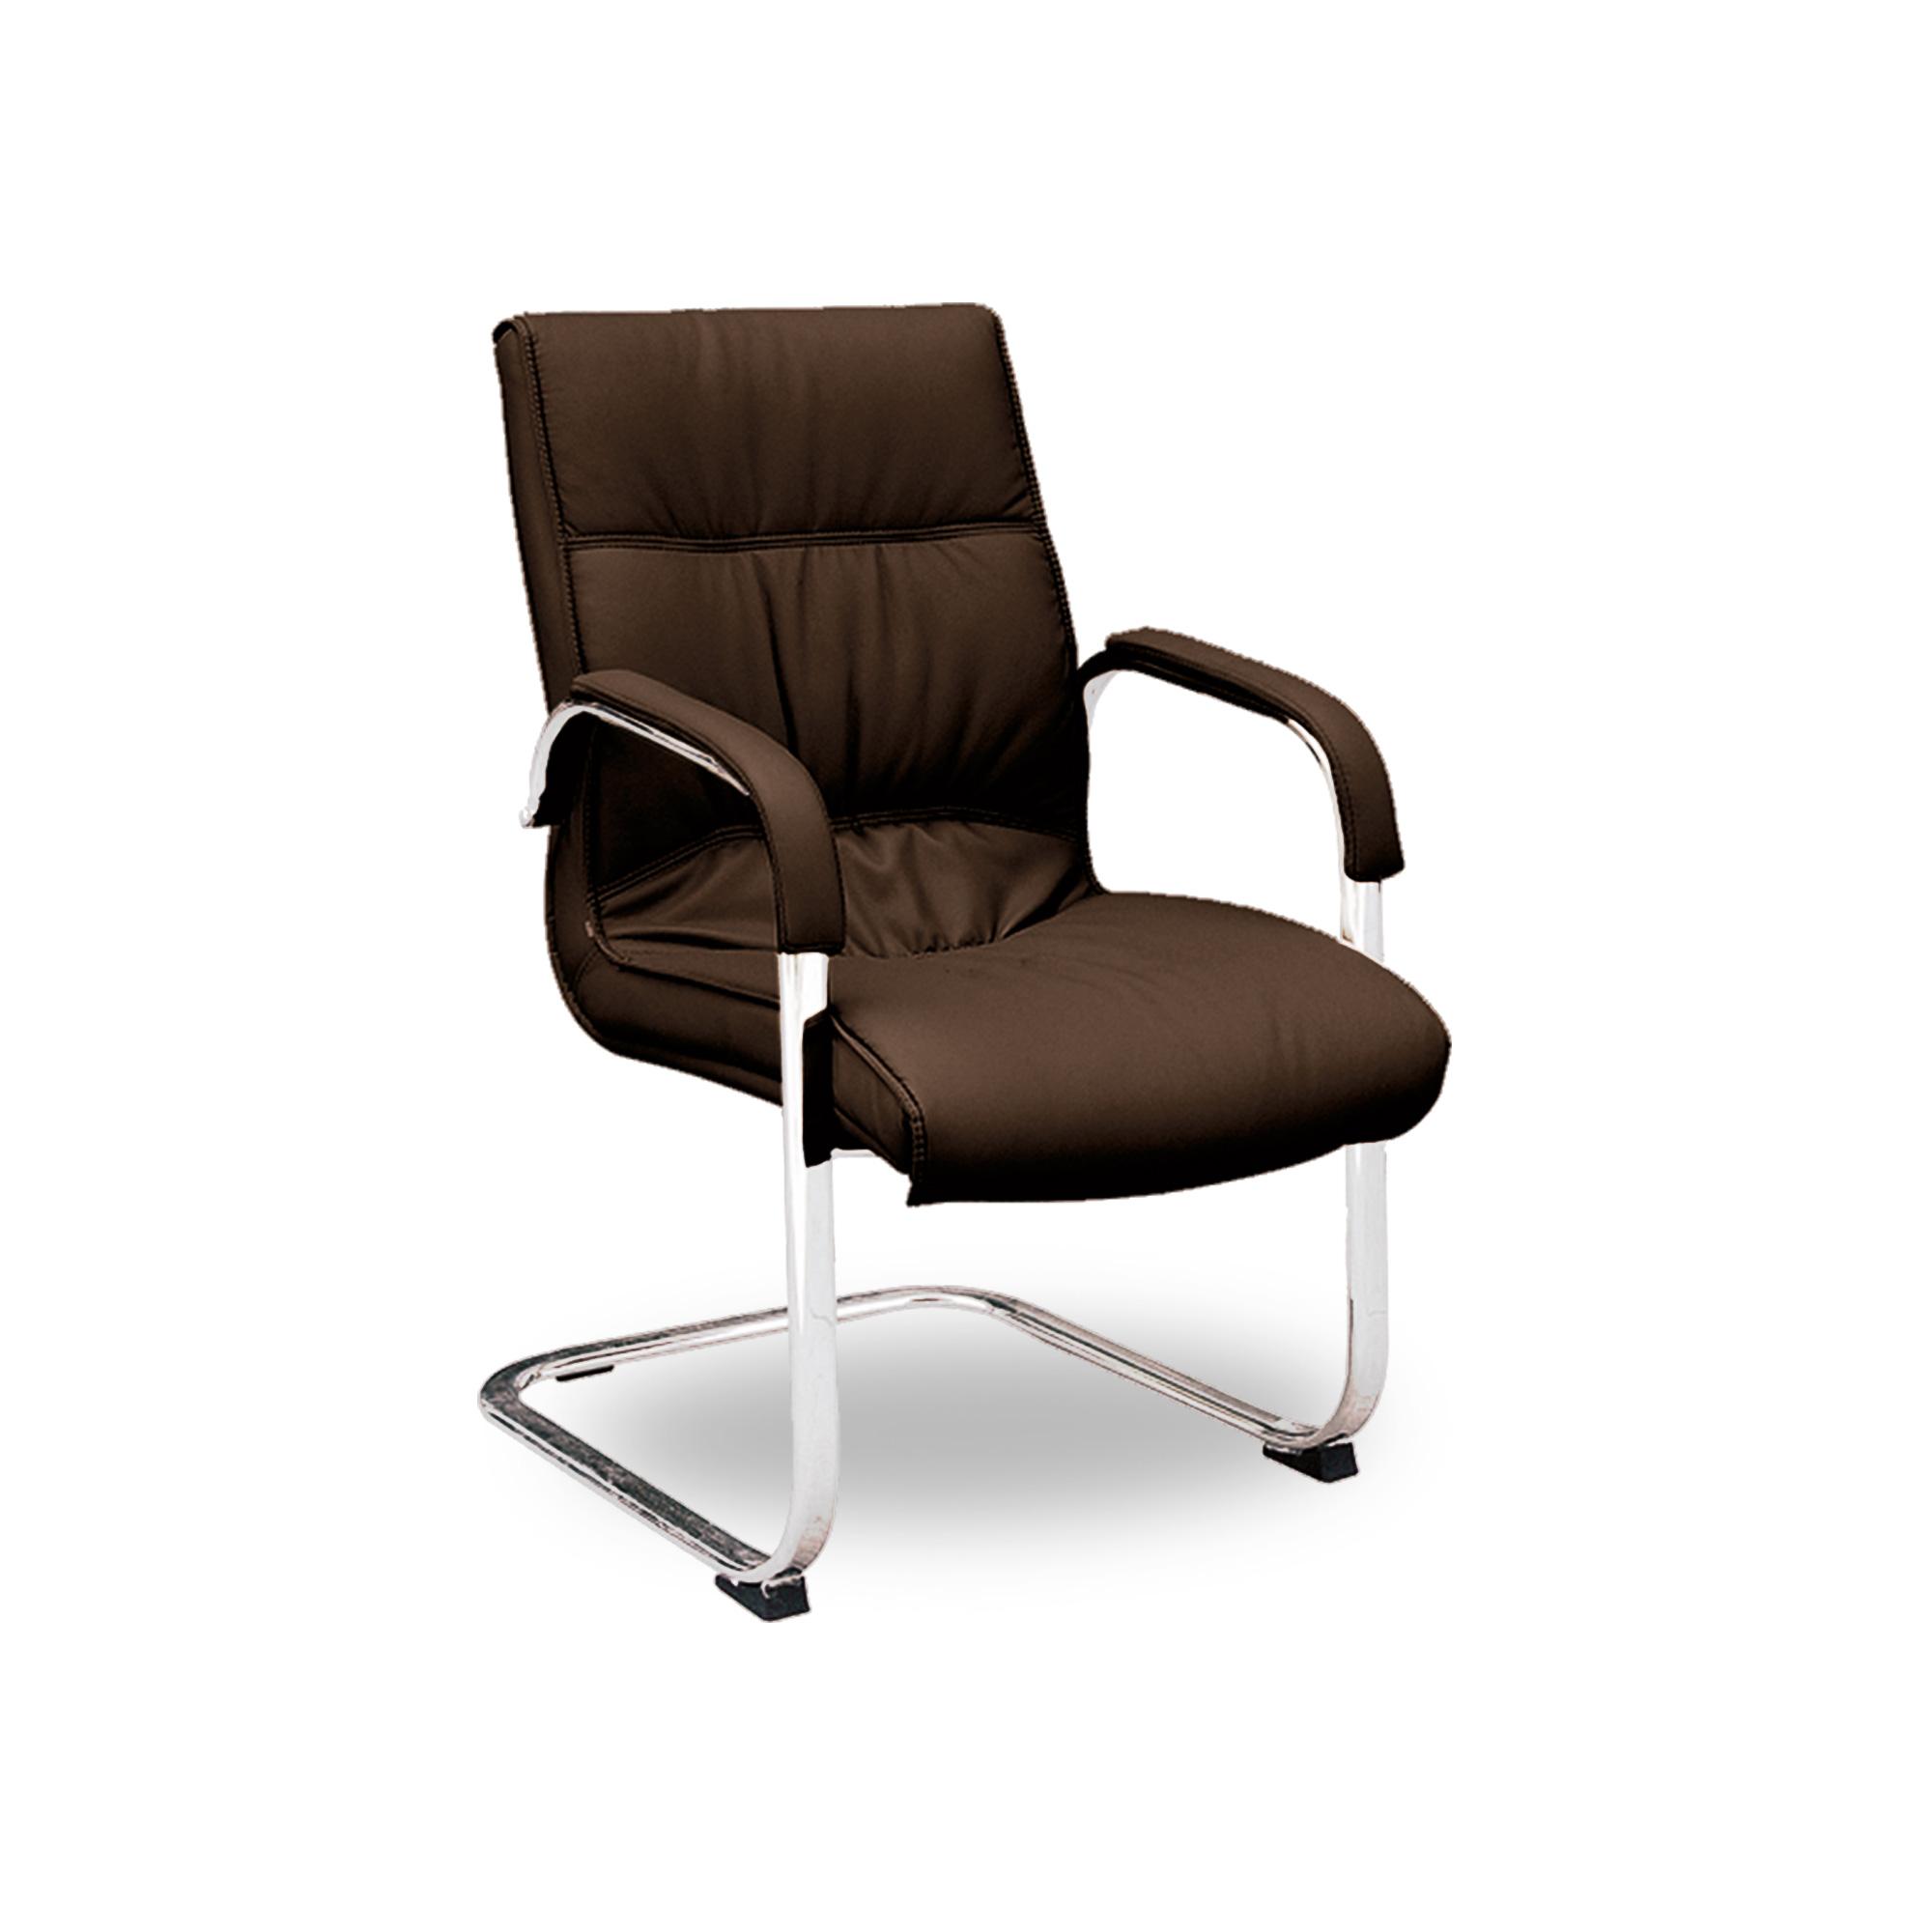 Cadeira Fixa Sky em Couro Ecológico – REF 0939 -Café